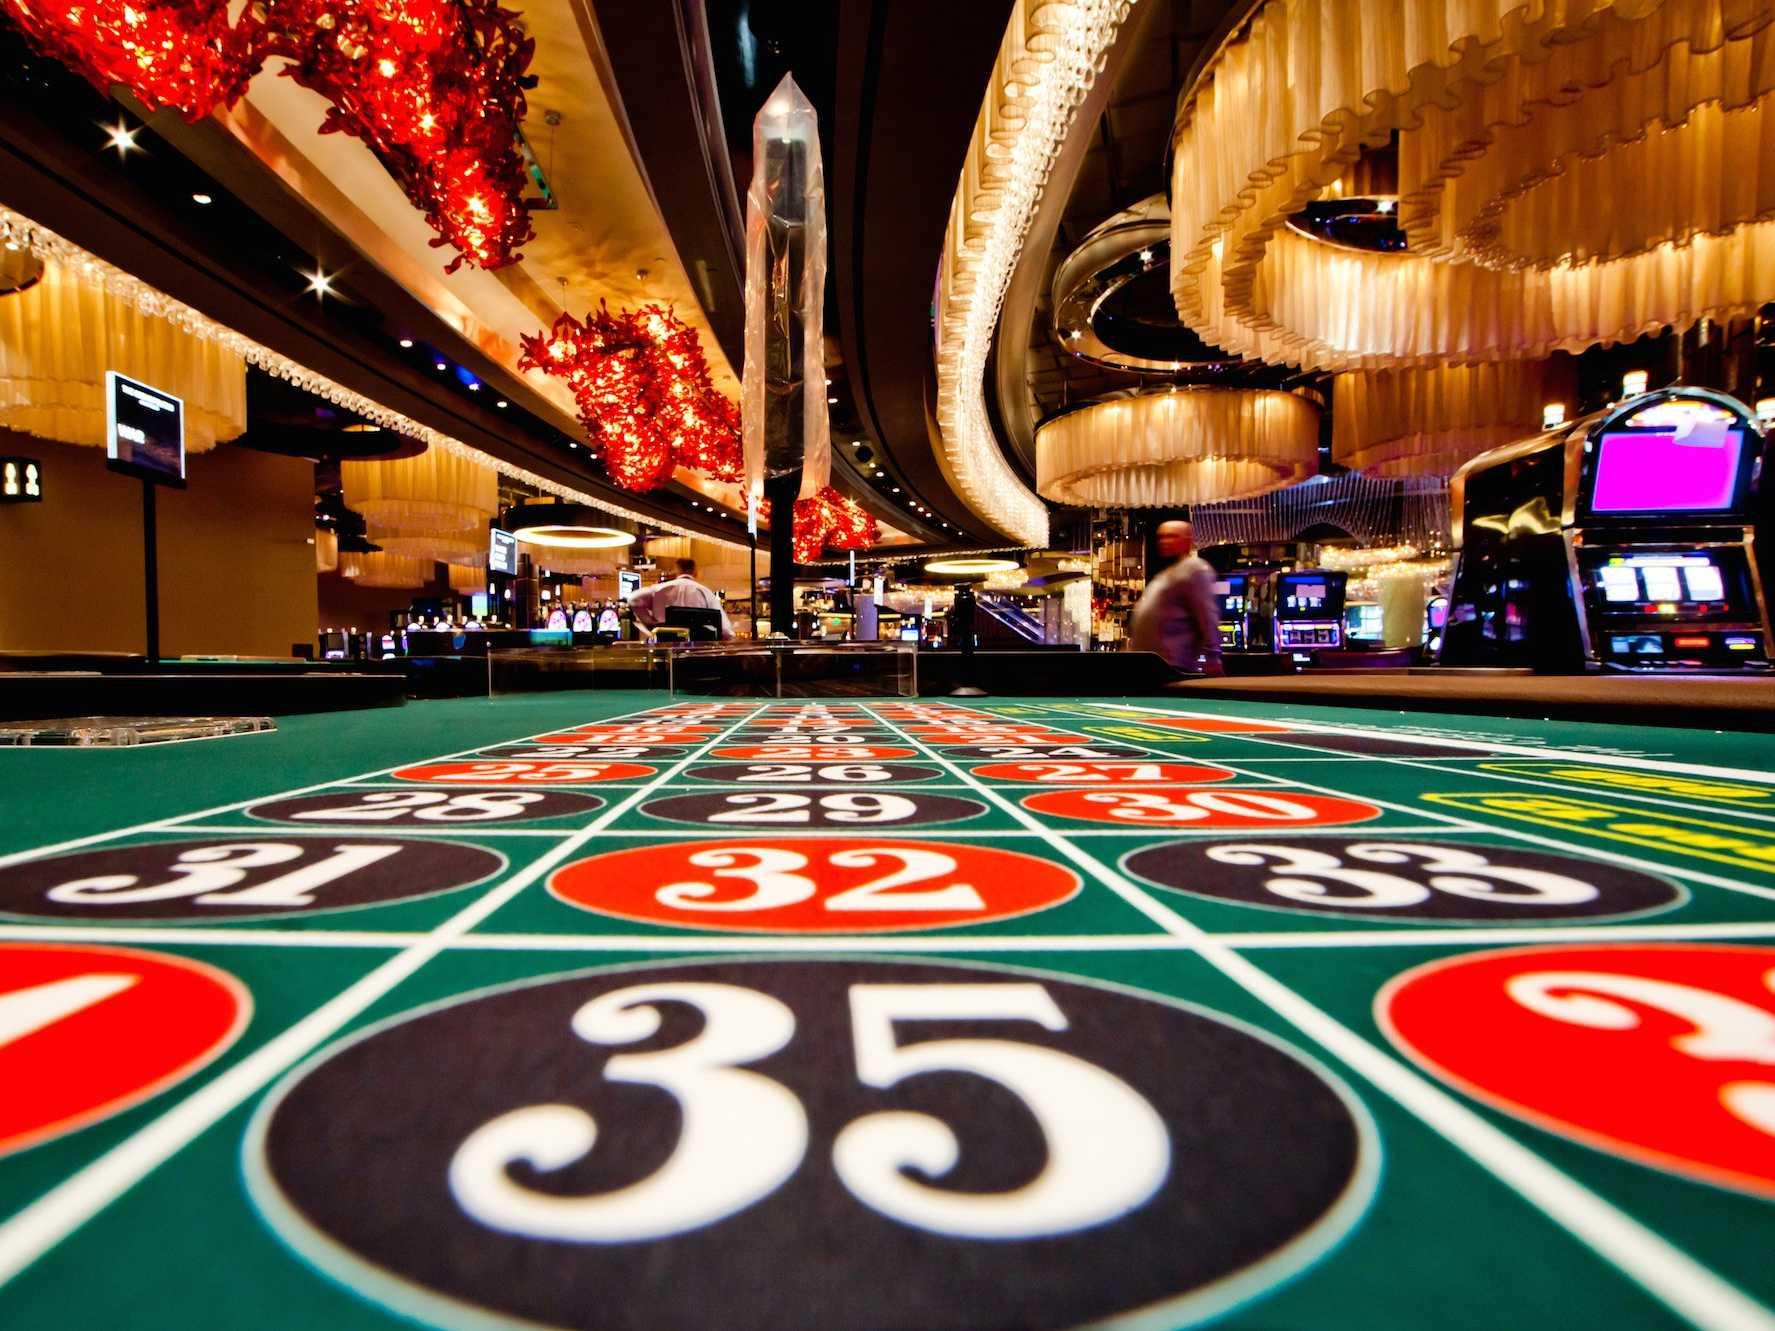 Les jeux casino offrent plus de sensation